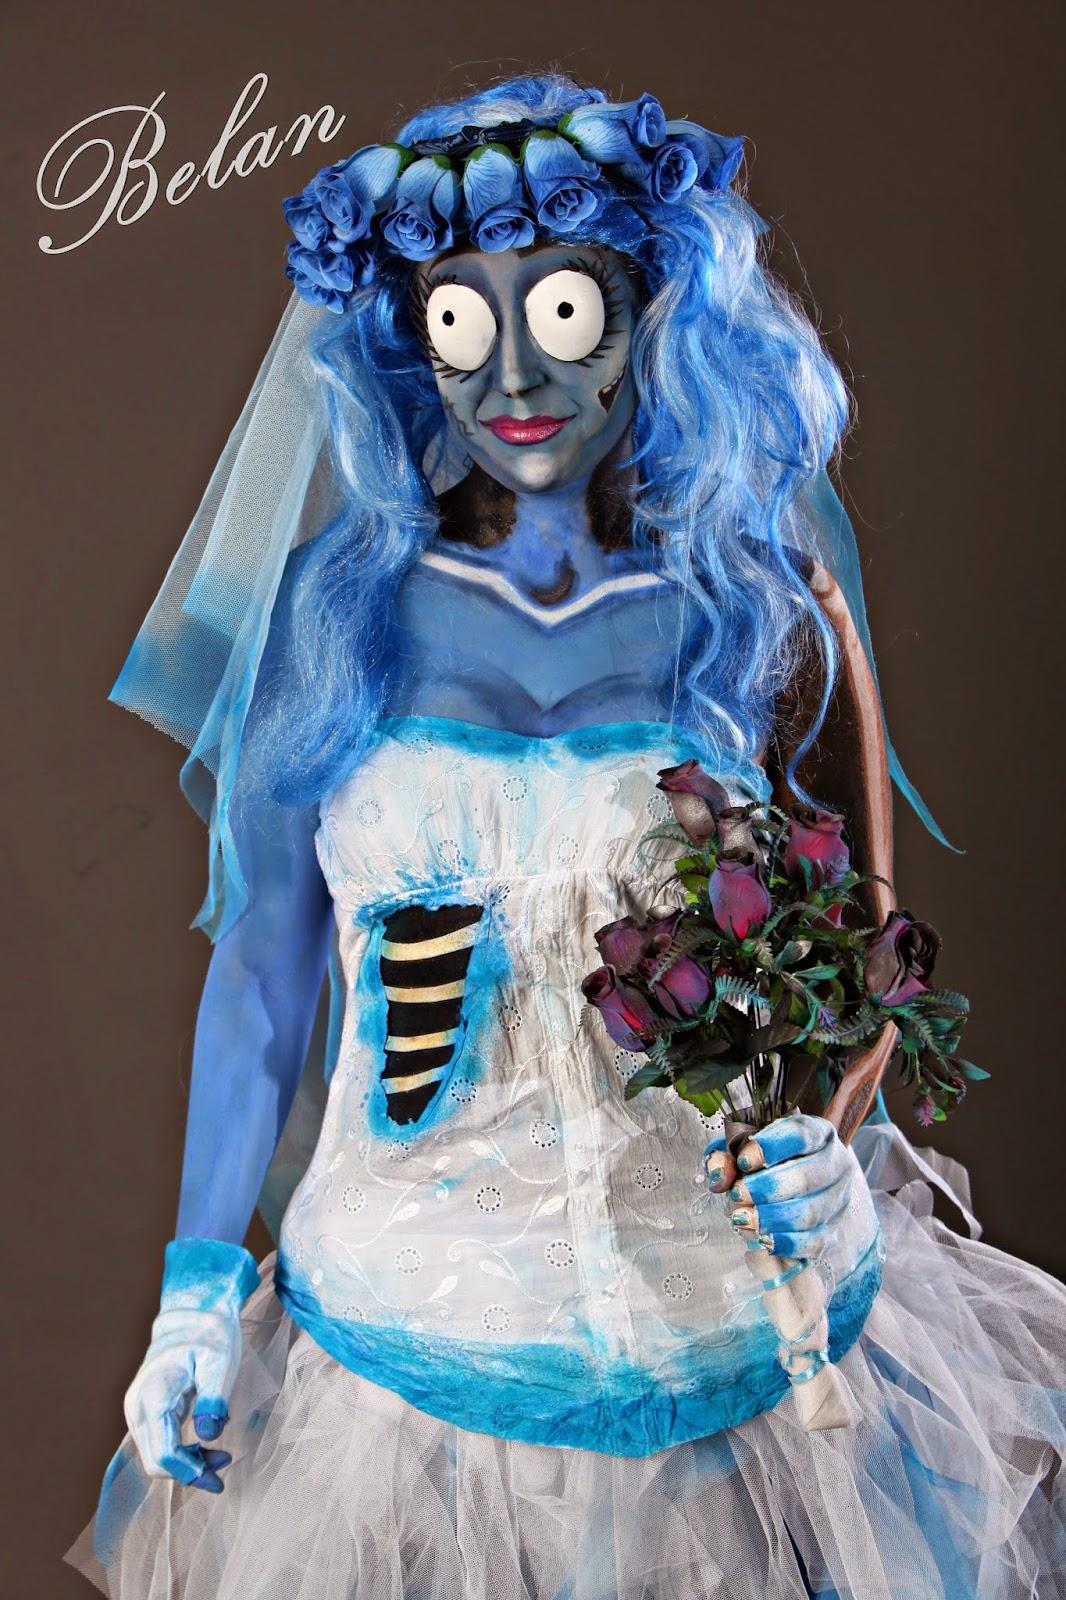 Outstanding Vestido De Novia Cadaver Images - Wedding Dress Ideas ...